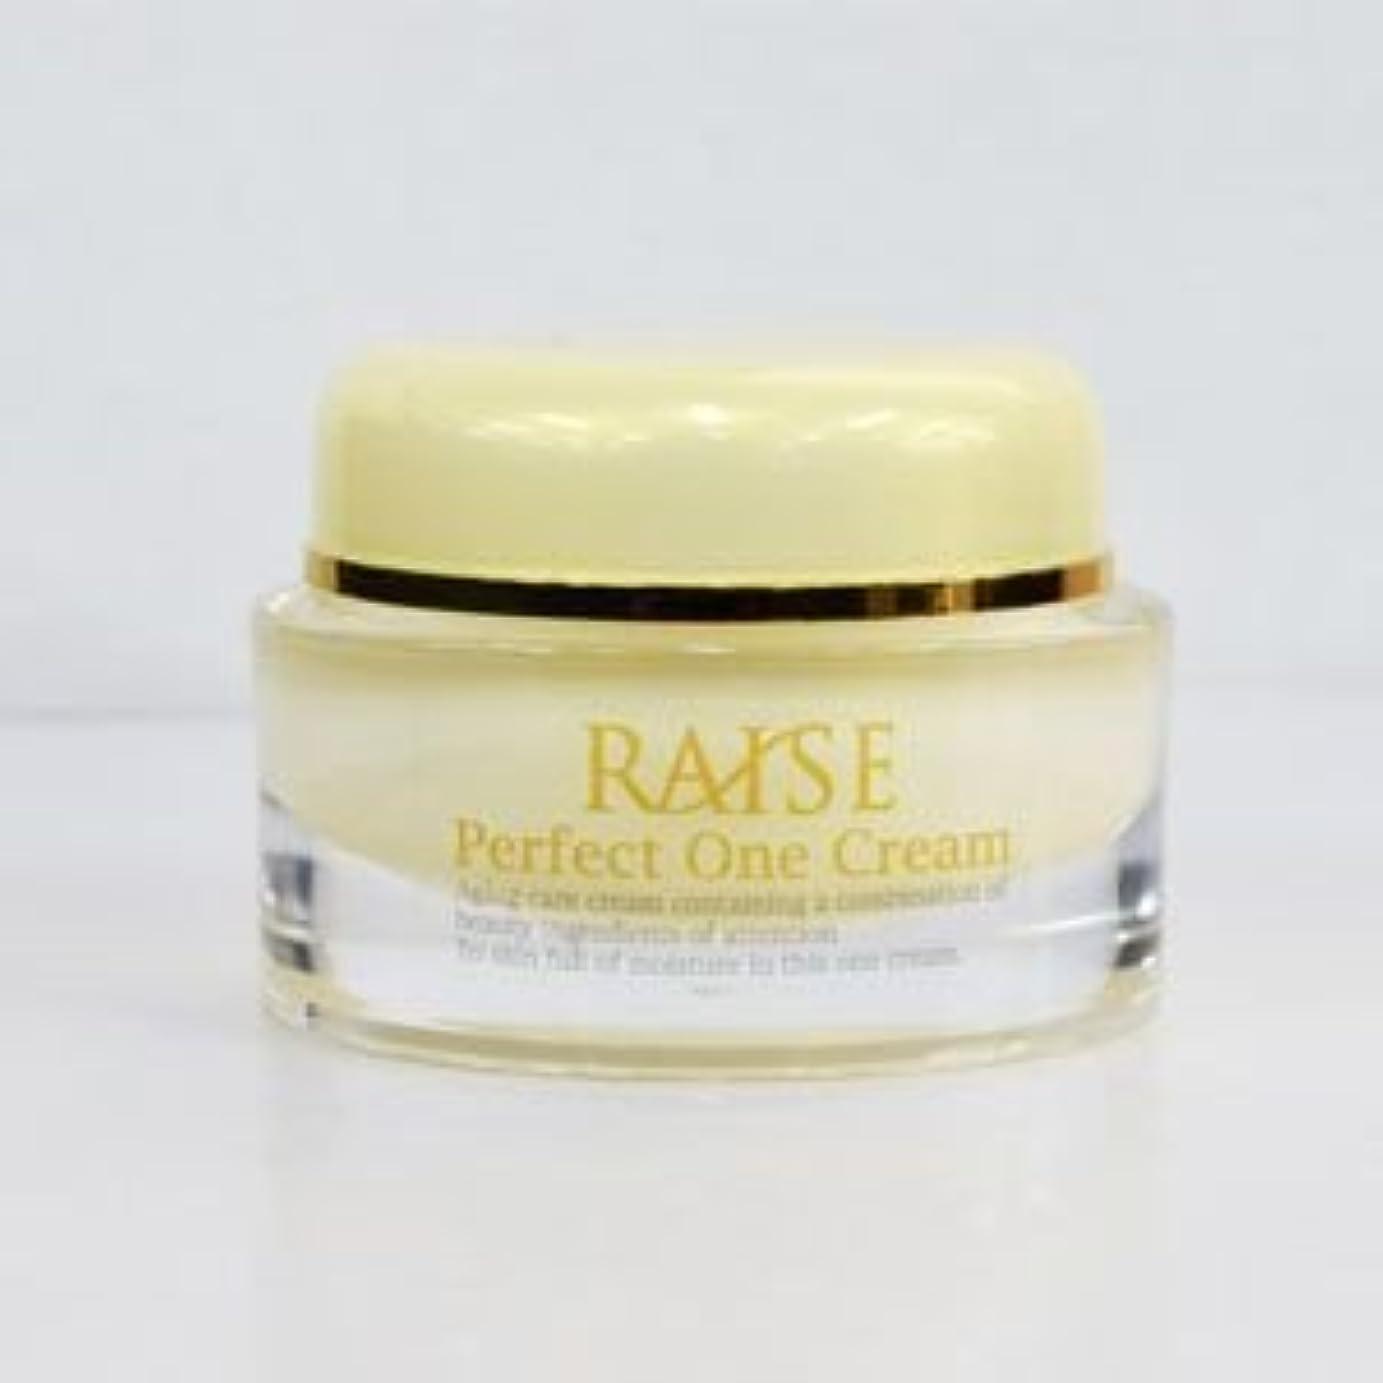 達成可能夜明けに夕暮れRAISE (レイズ) Perfect One Cream パーフェクトワンクリーム 活性型FGF 活性型EGF 馬プラセンタ コラーゲン オールインワン クリーム 50g